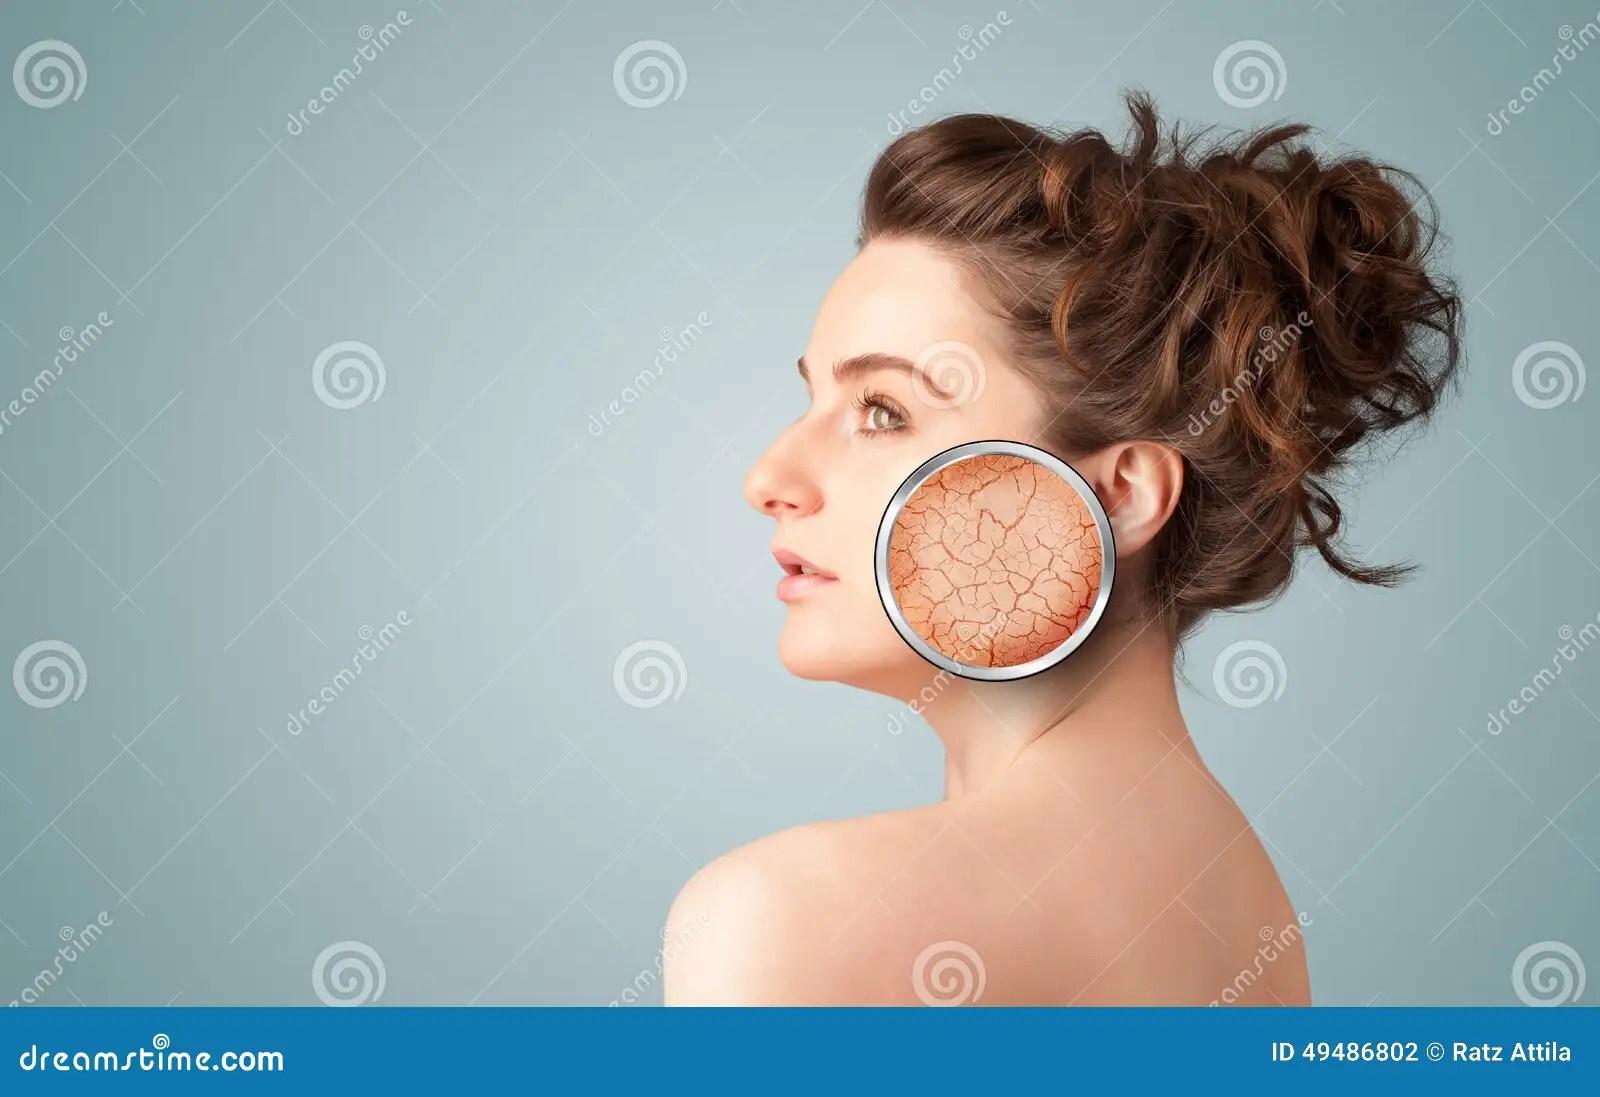 Fresh Skin And Spa